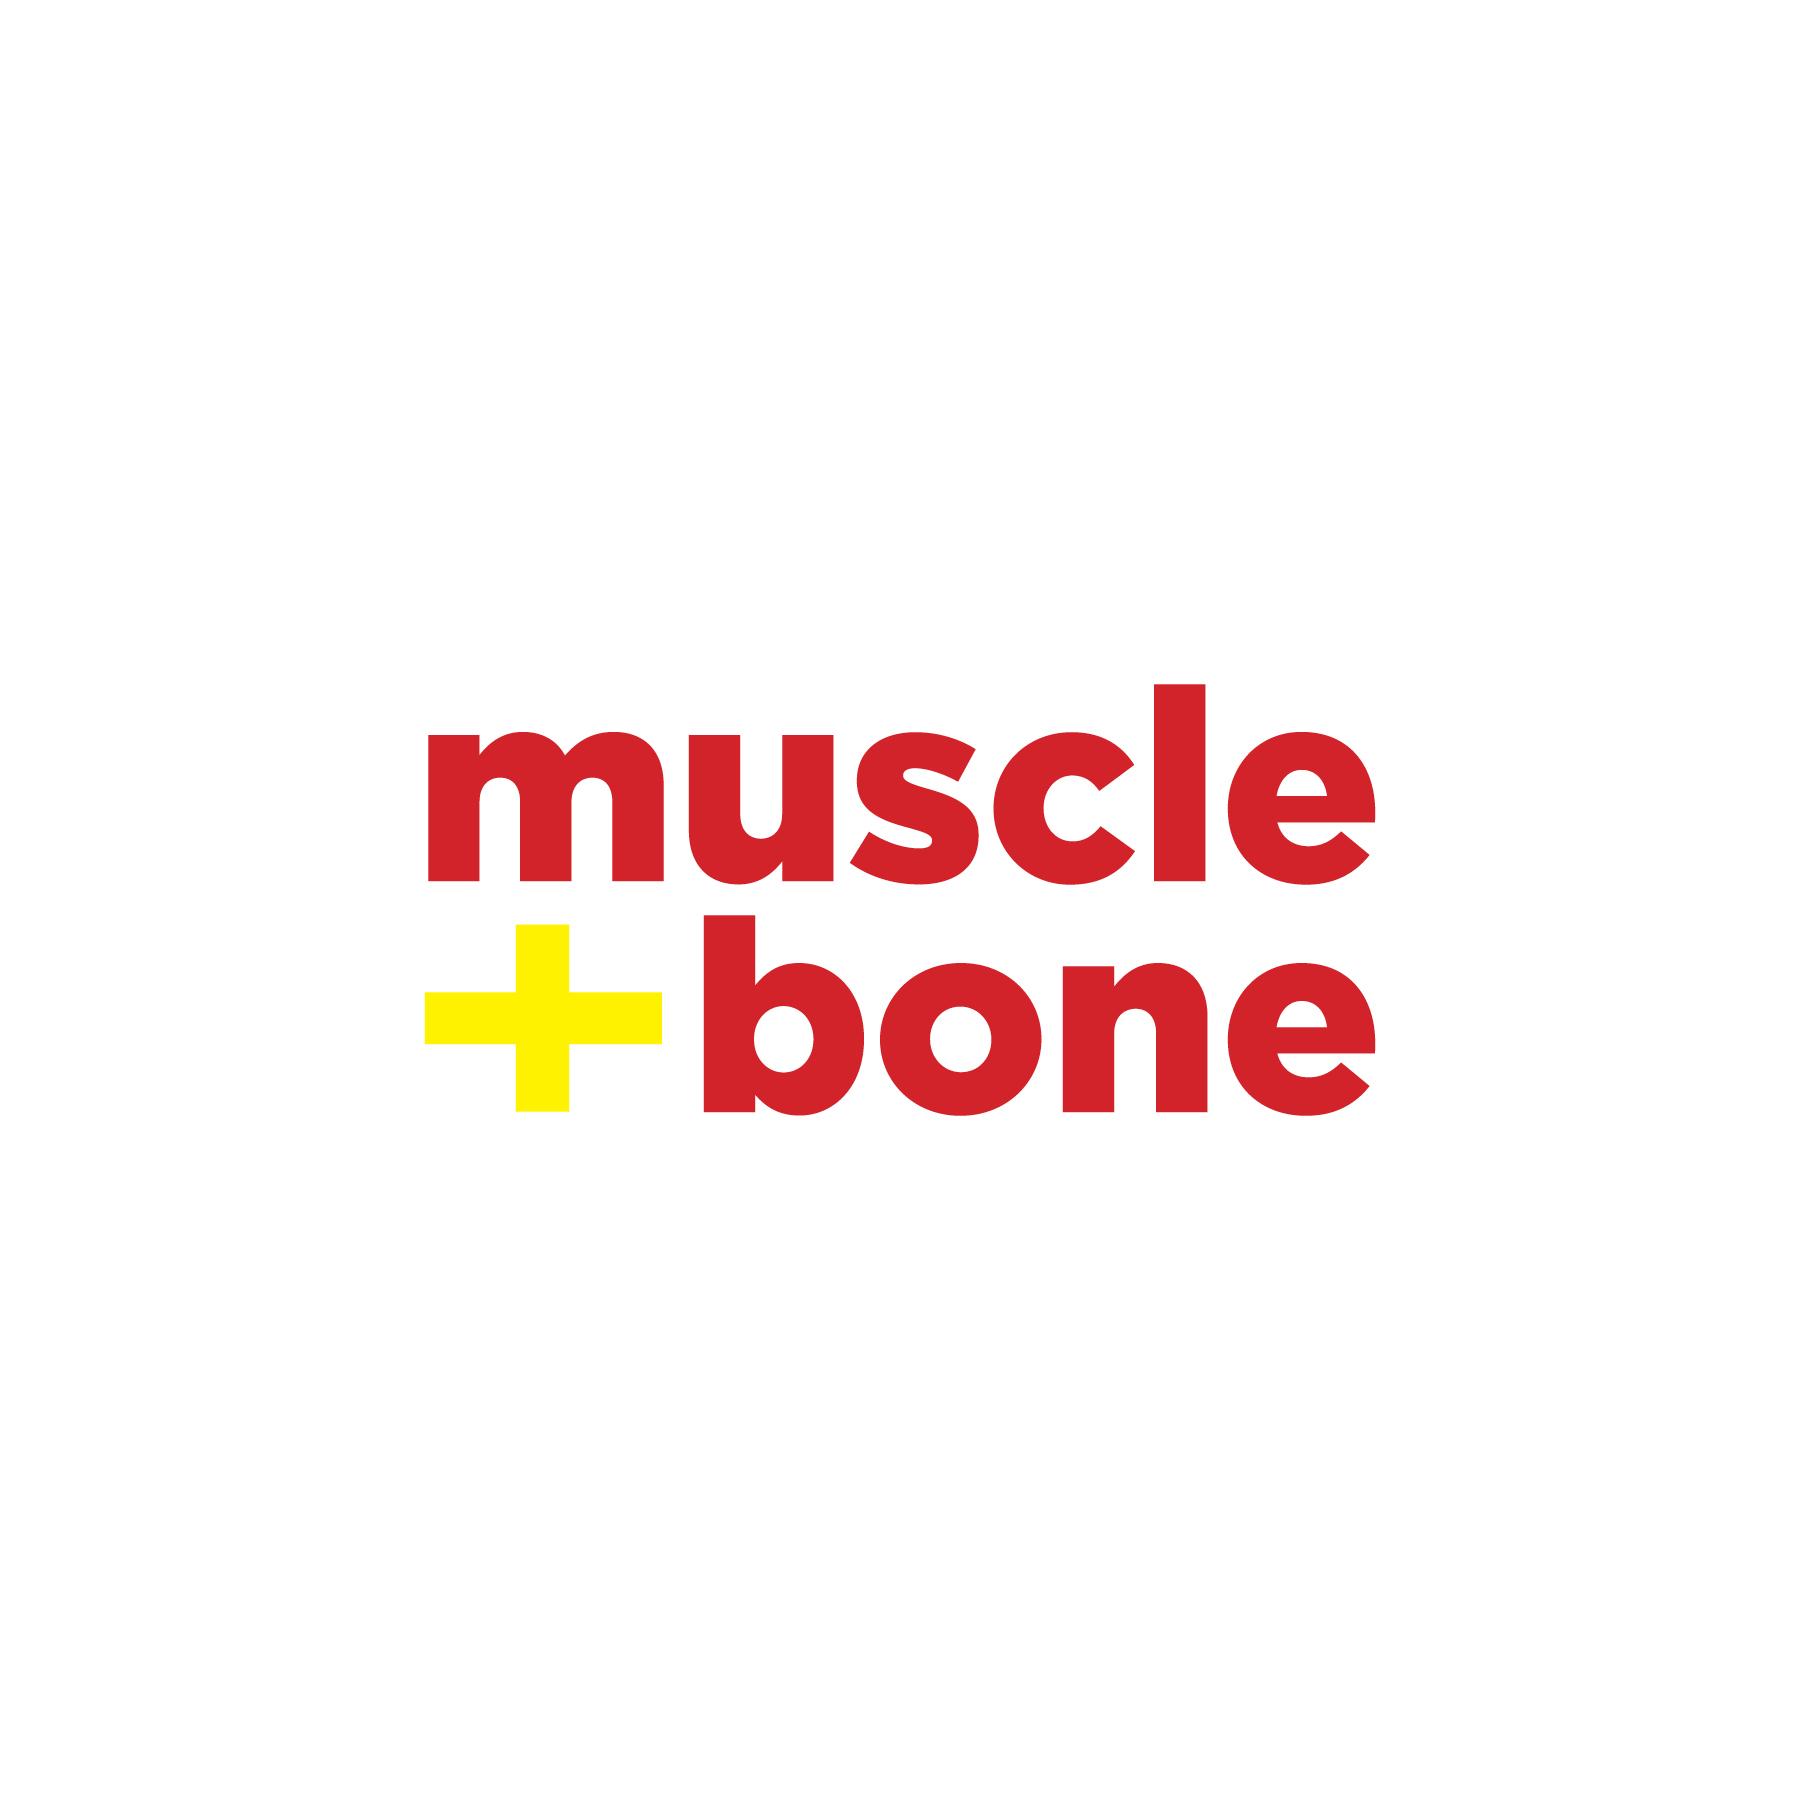 muscle+bone